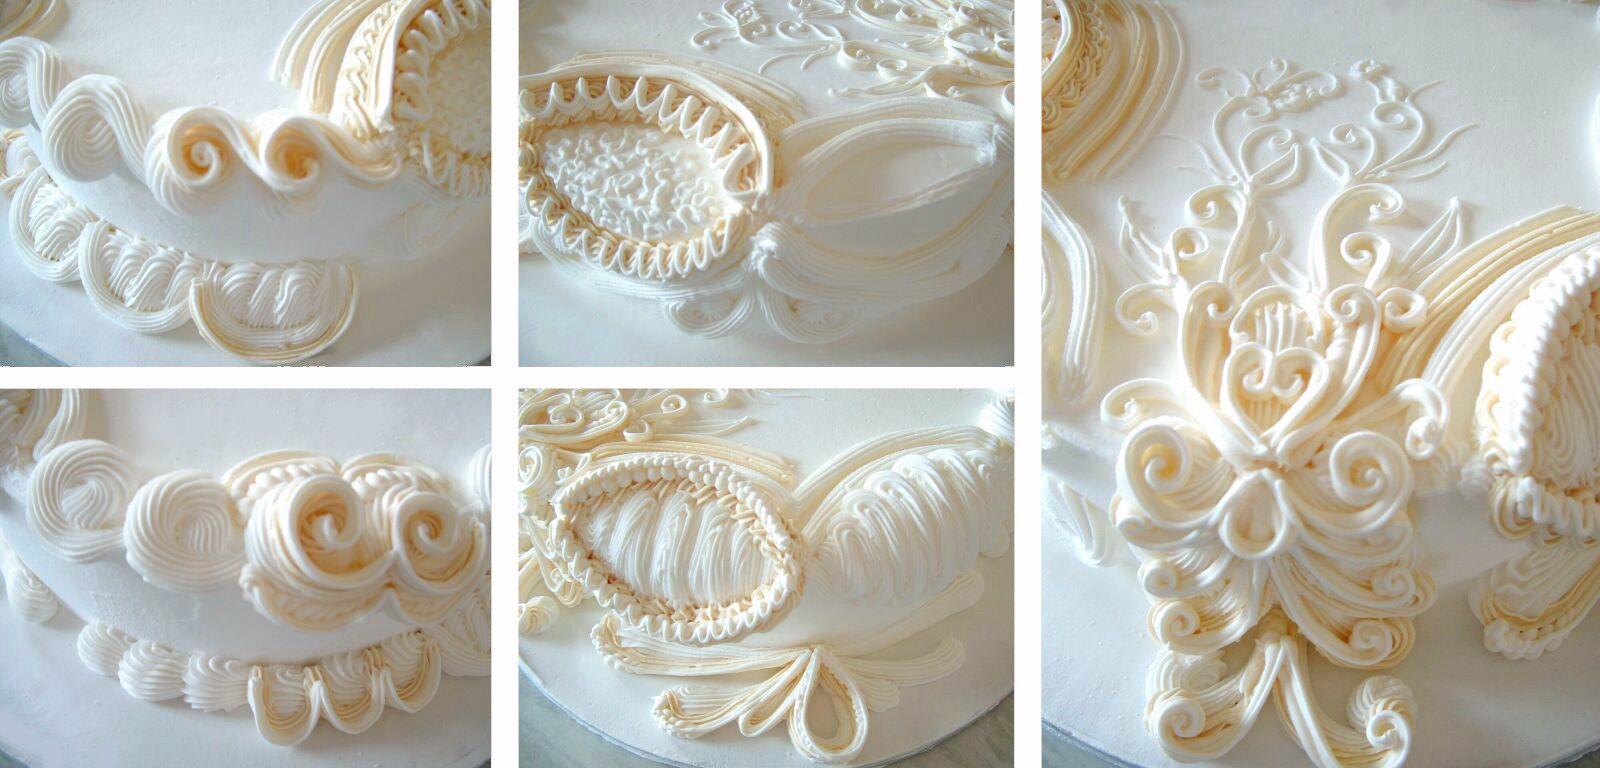 техника украшения торта кремом пошагово с фото мероприятие требует